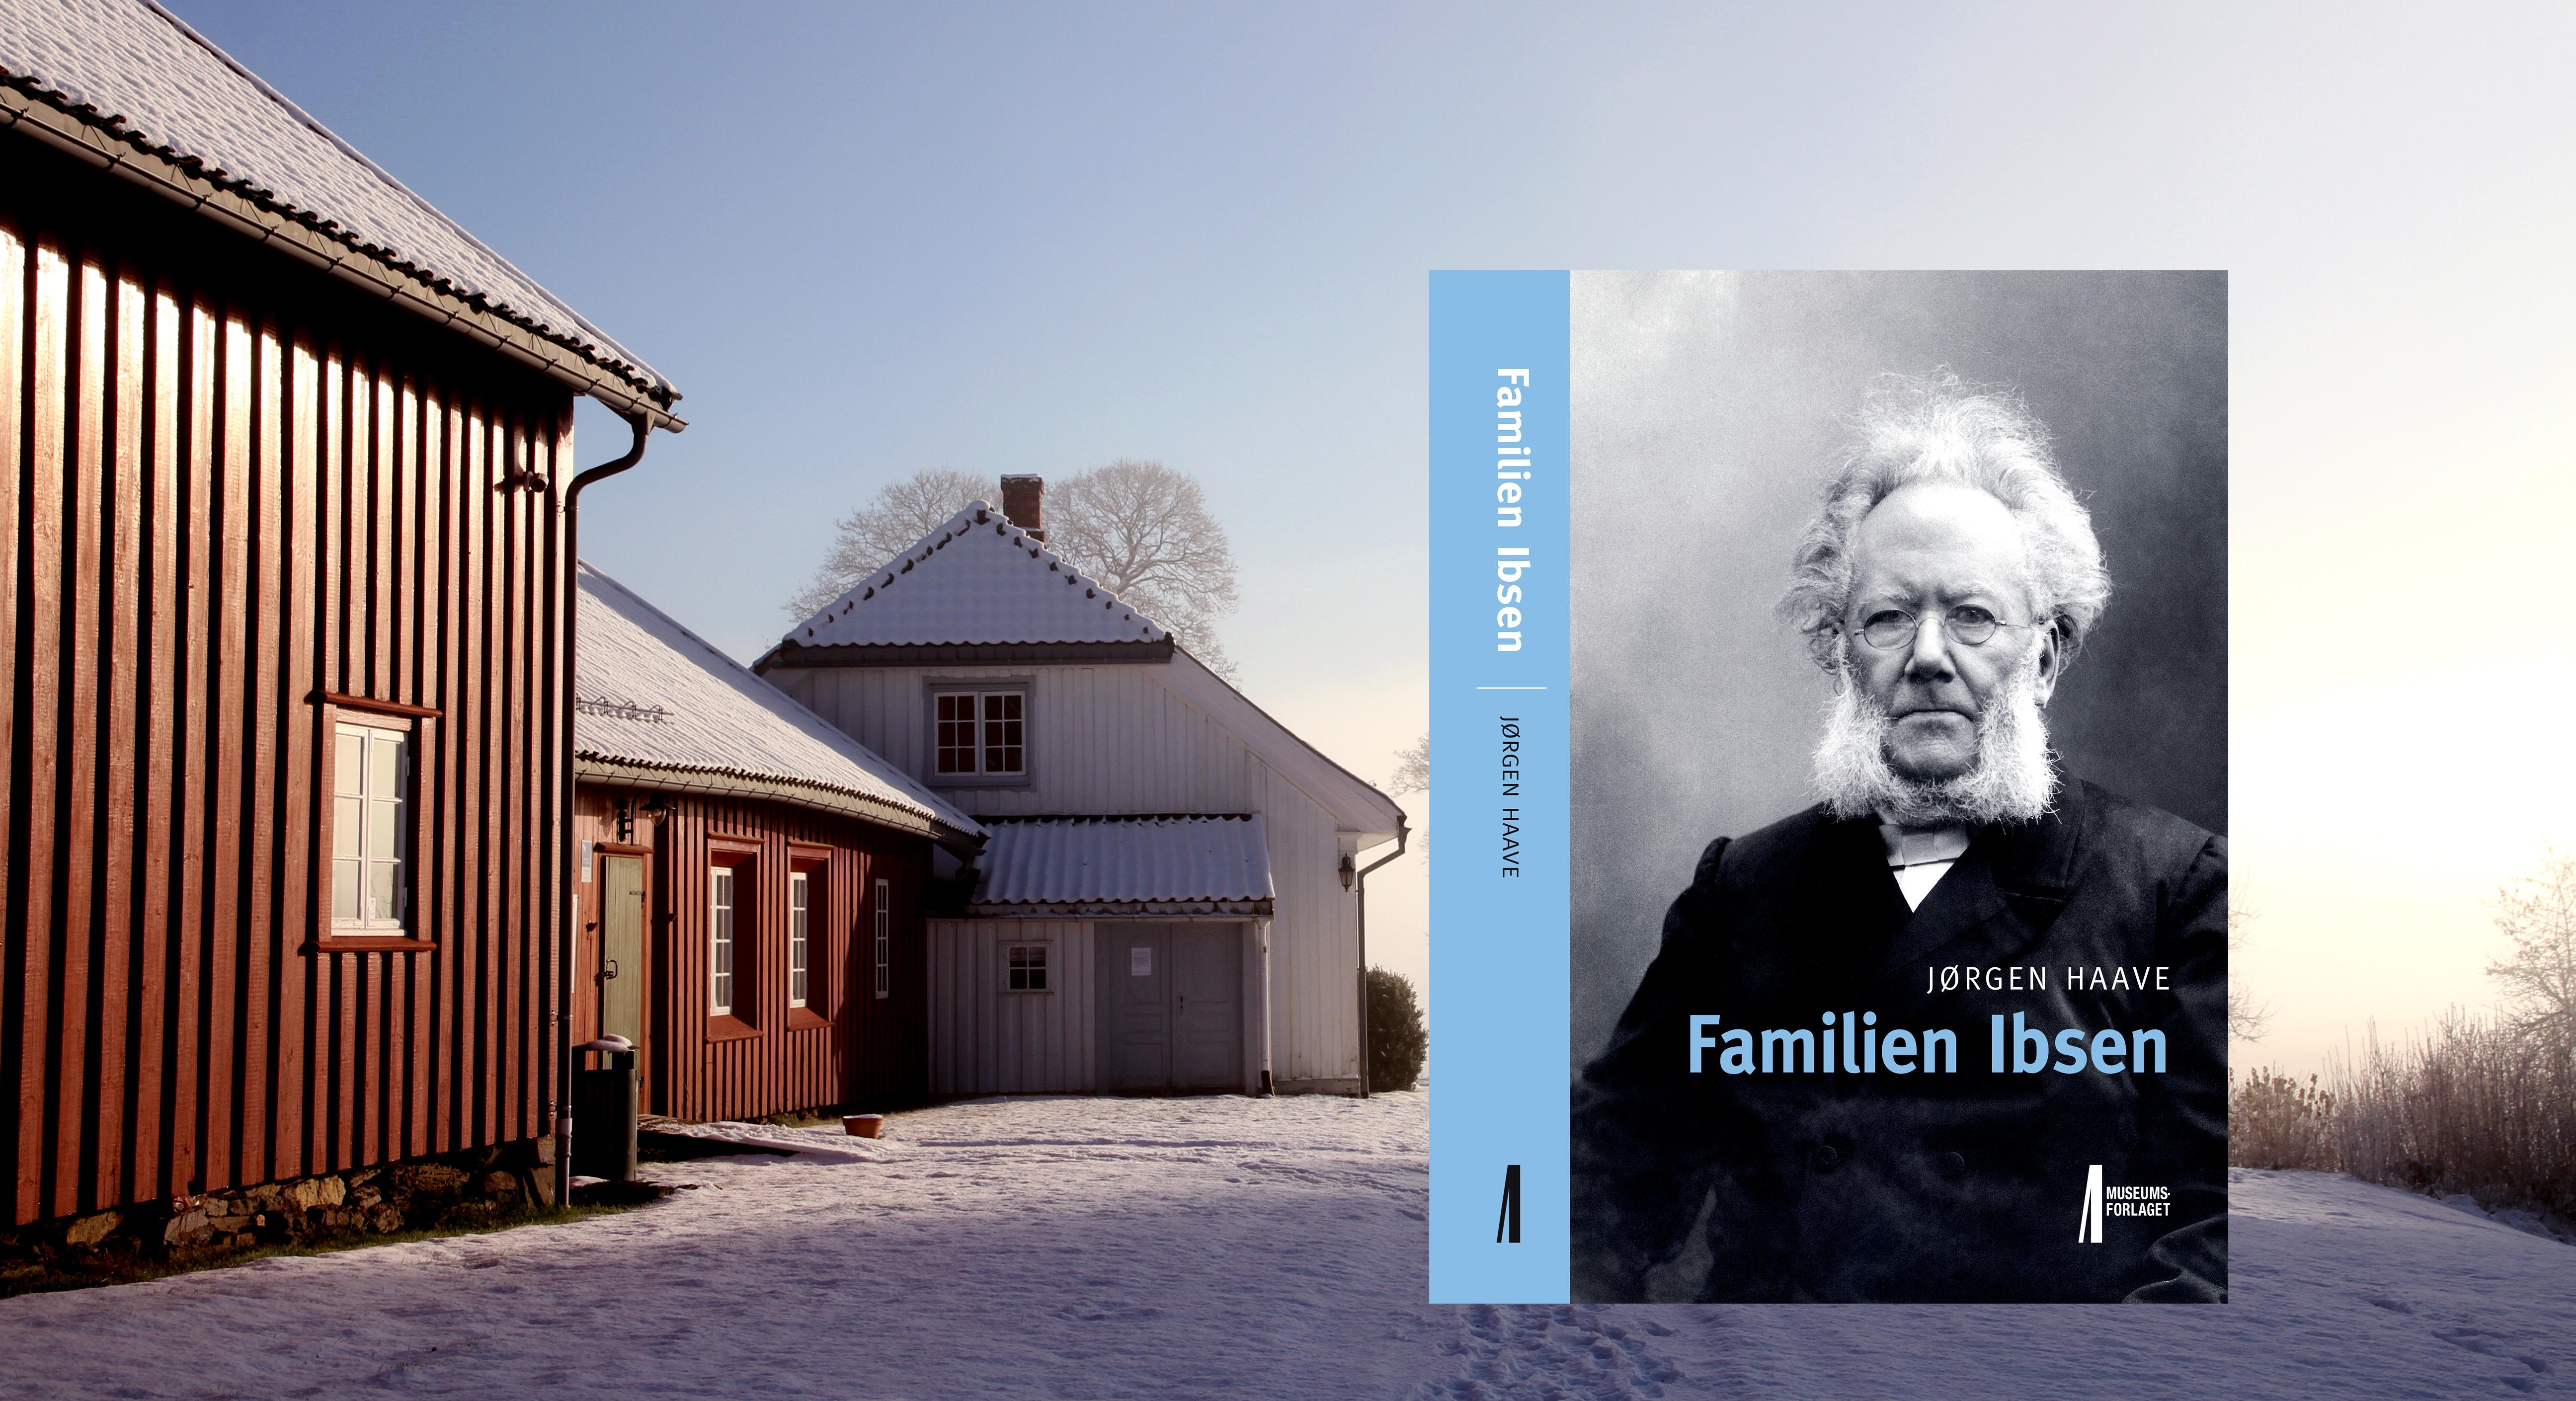 FRA SKIEN TIL VERDEN: Dette blidet av Henrik kjenner vi godt. Hvordan kunne en gutt fra Skien bli en verdenskjent forfatter. I Skien får du brikker til puslespillet Henrik Ibsen.